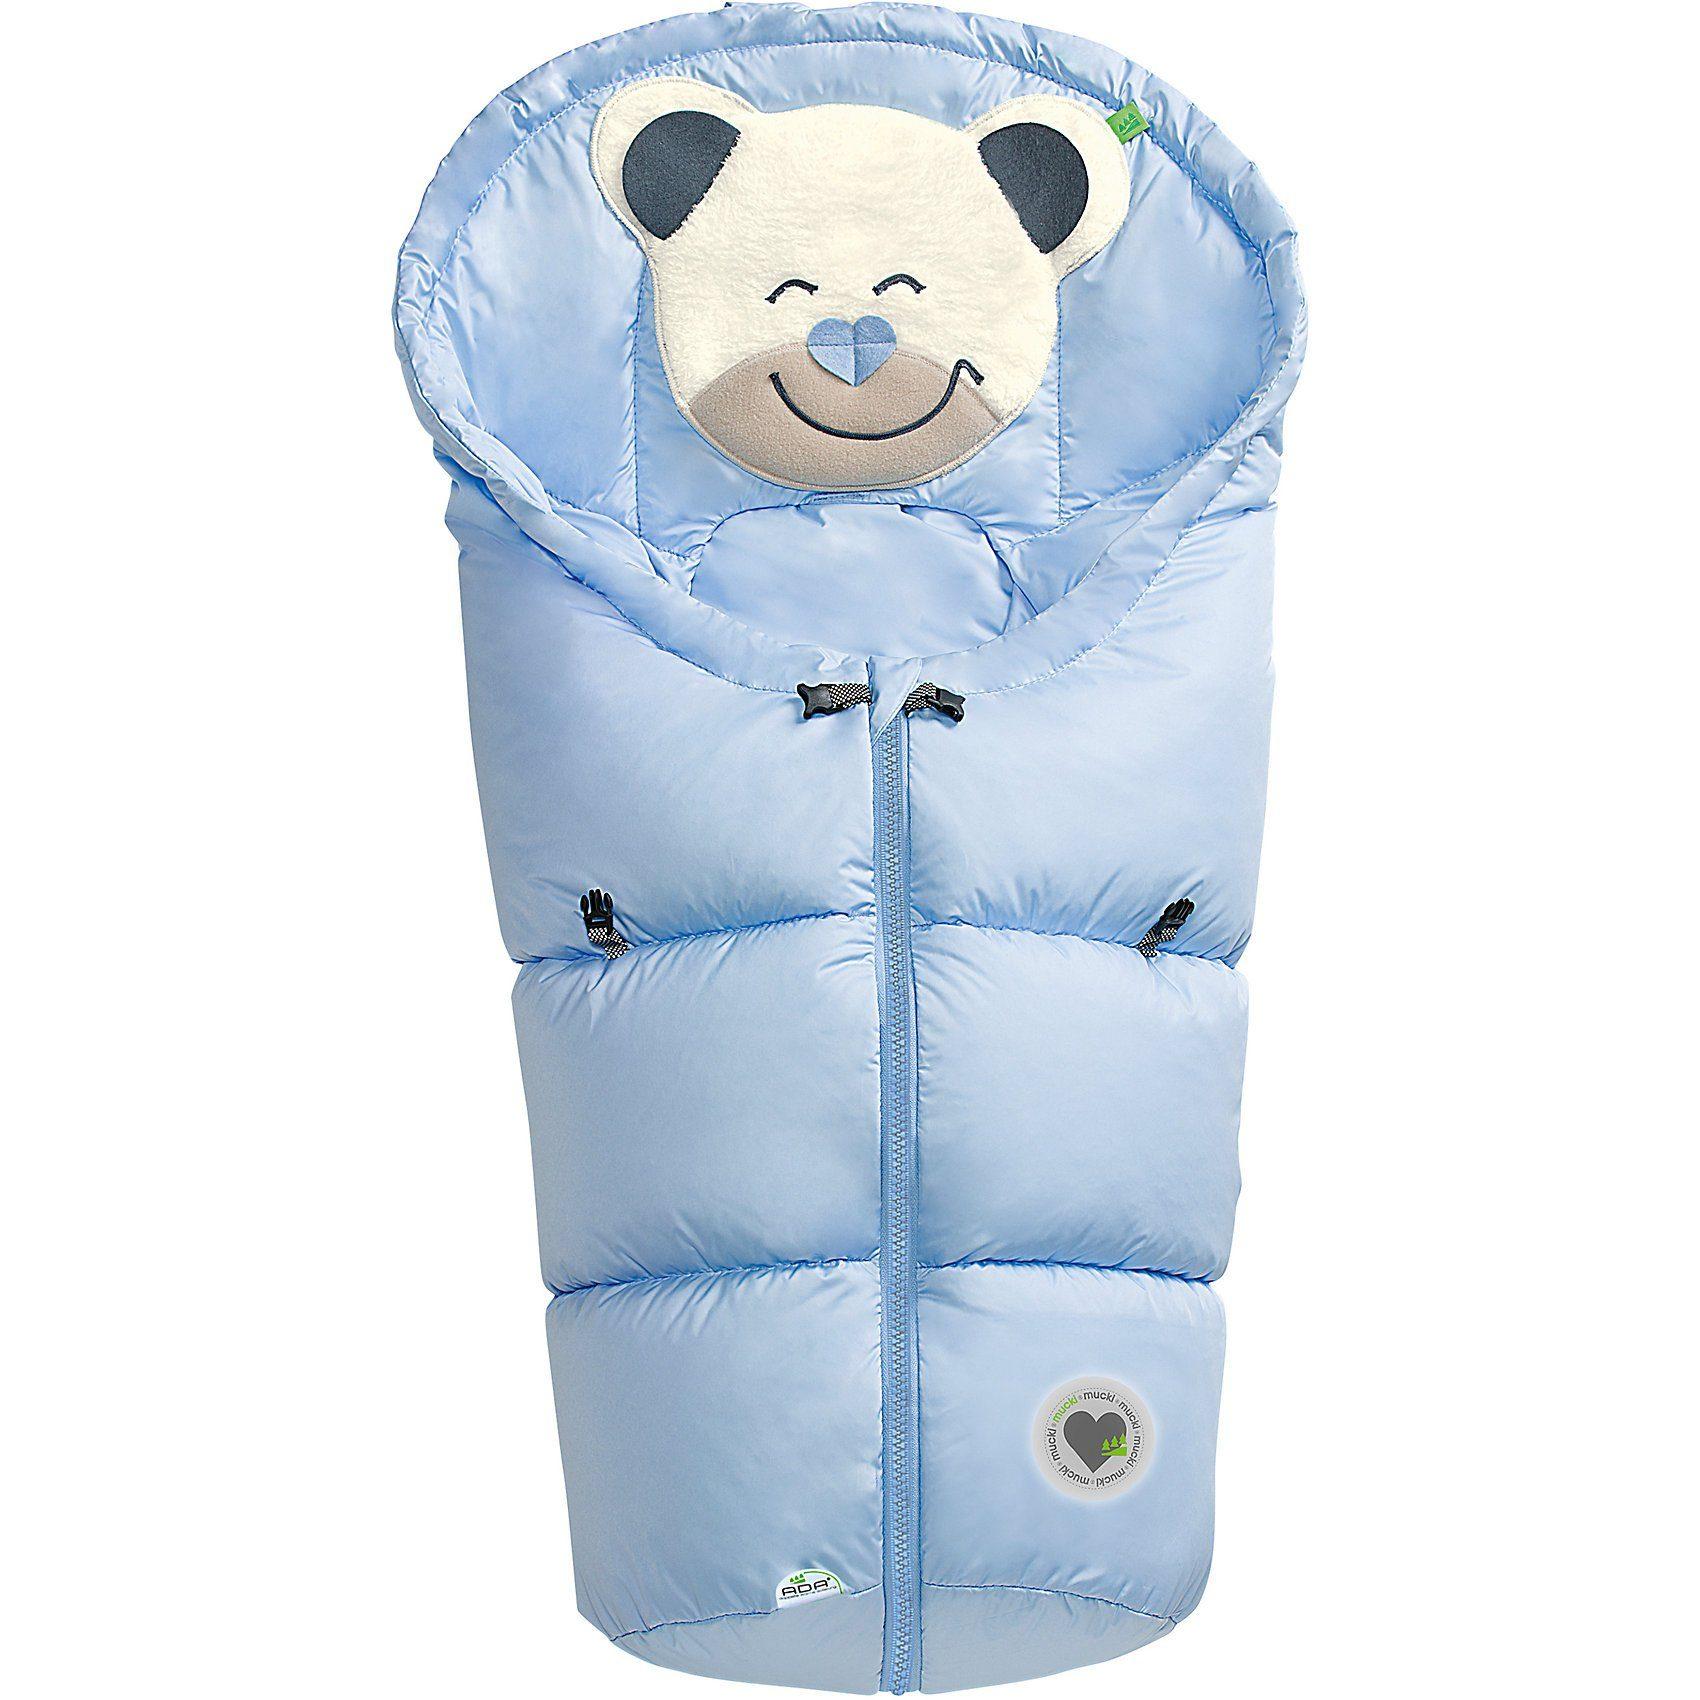 Odenwälder Fußsack Mucki für Babyschale und Kinderwagen, hellblau